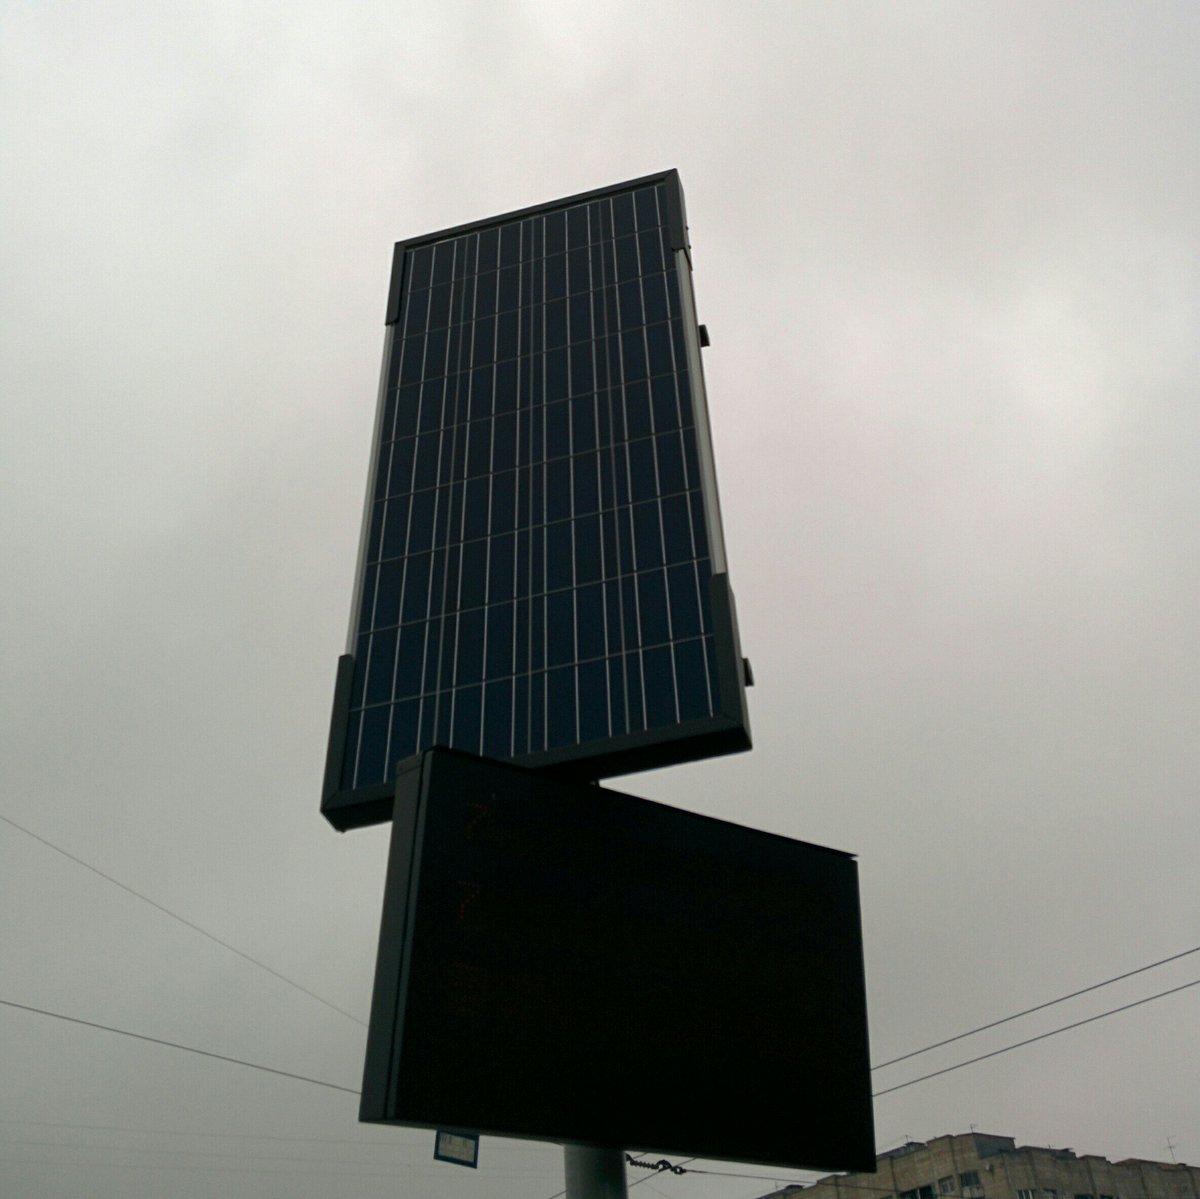 – А питерские информационные табло мы подключим к солнечным батареям. – Удачи, братан – Лол – Без комментариев. https://t.co/xW8igoqSVE